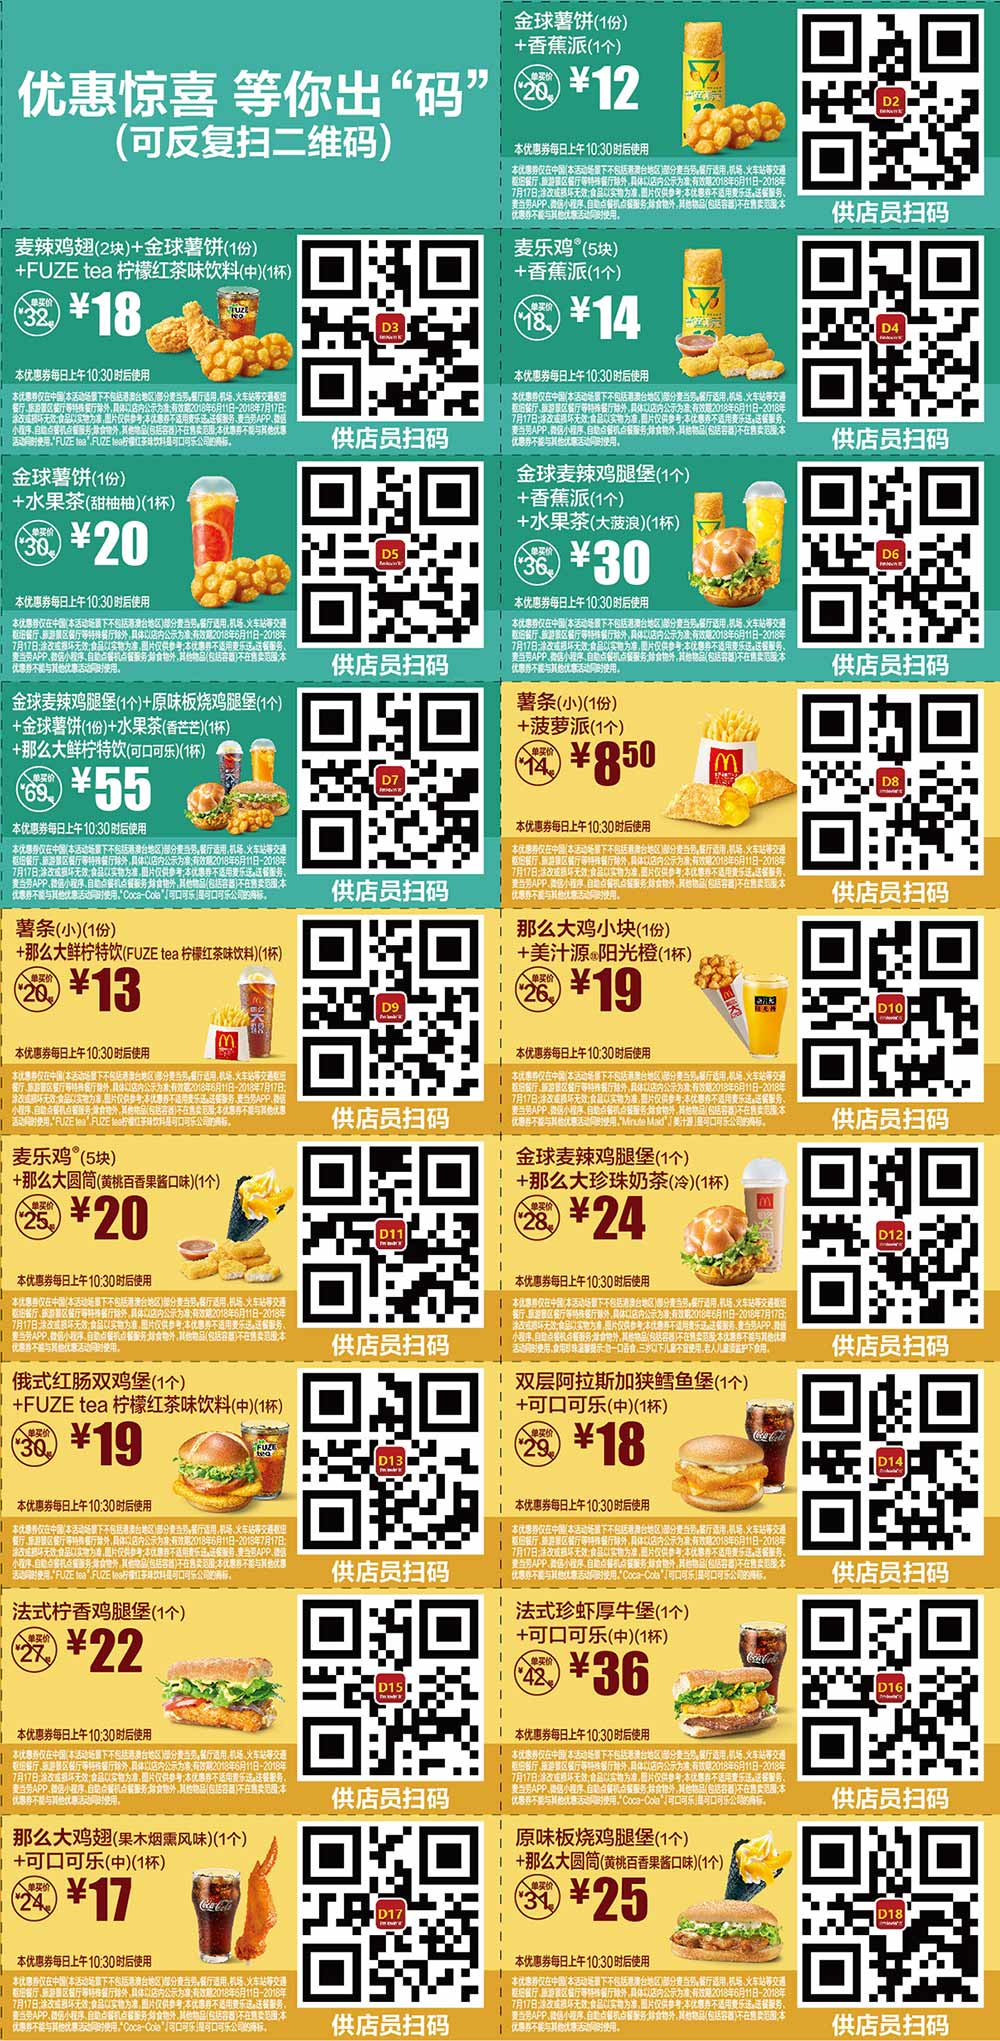 优惠券图片:2018年6月7月份麦当劳优惠券手机版整张版本,点餐出示给店员扫码享优惠 有效期2018年06月11日-2018年07月17日